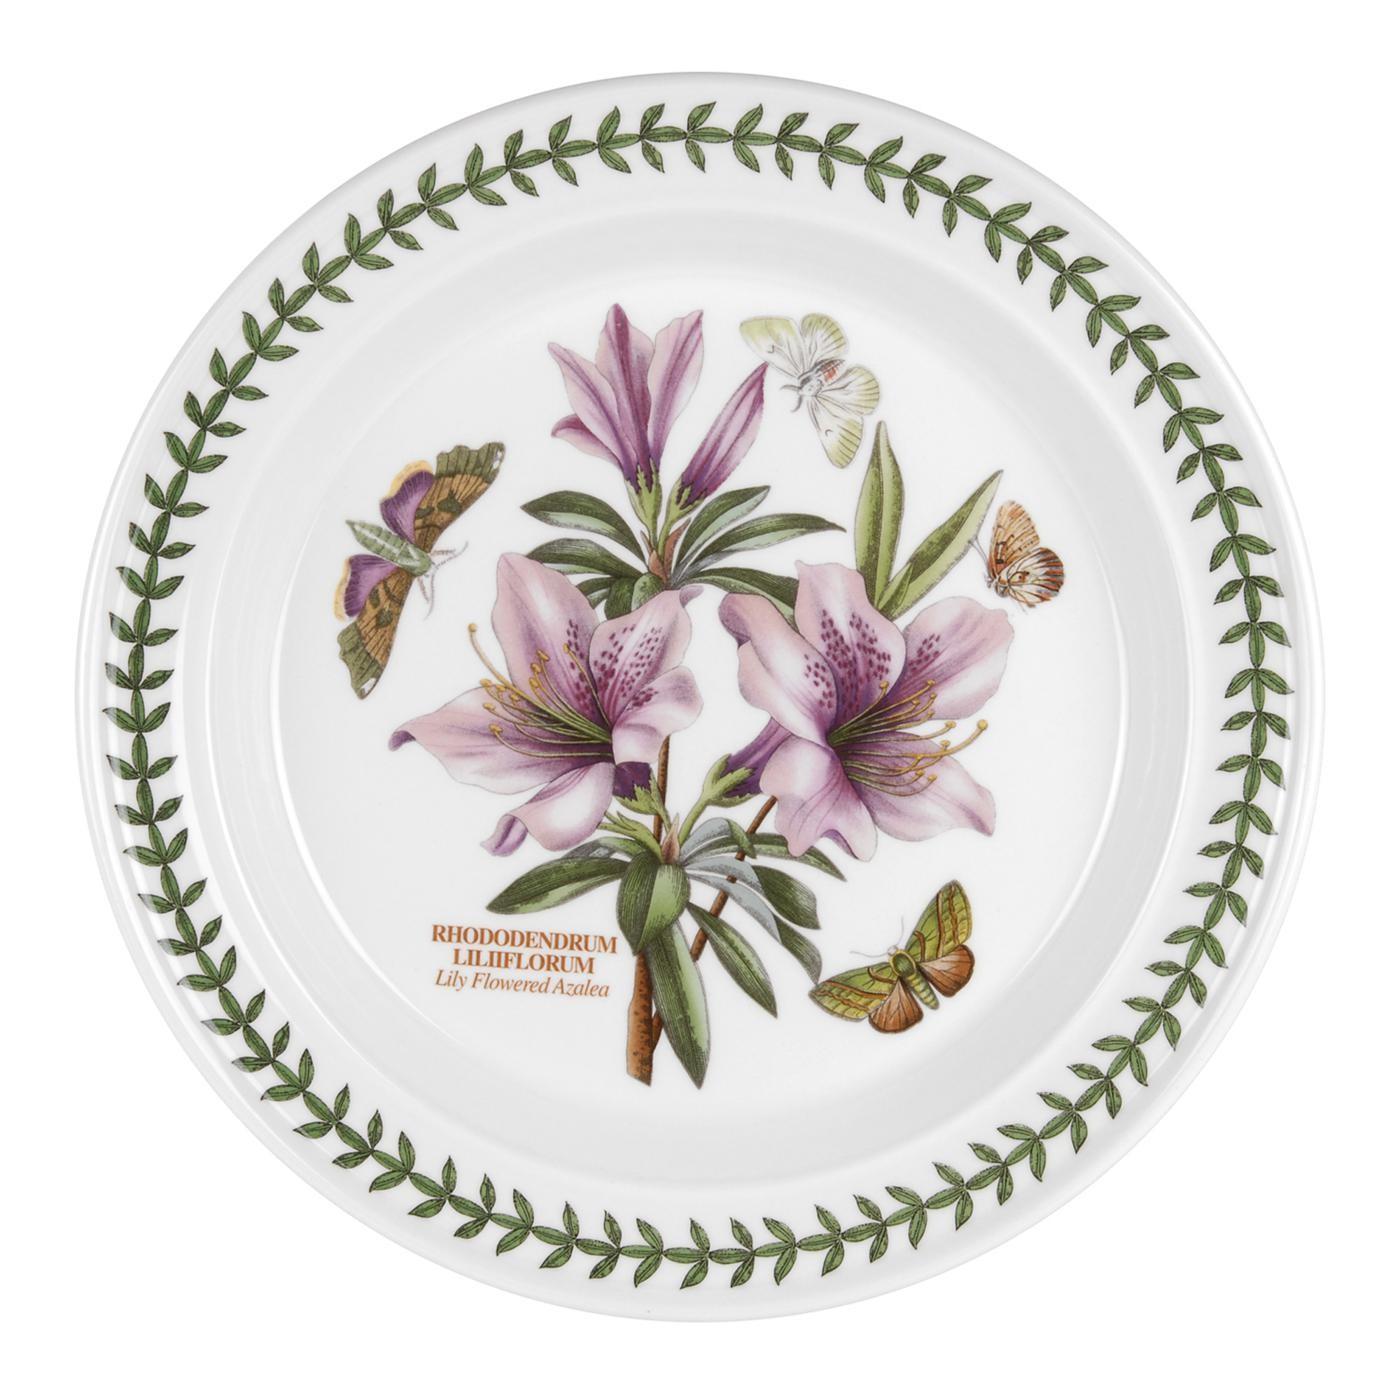 Botanic Garden Dinner Plates Portmeirion Botanic Garden